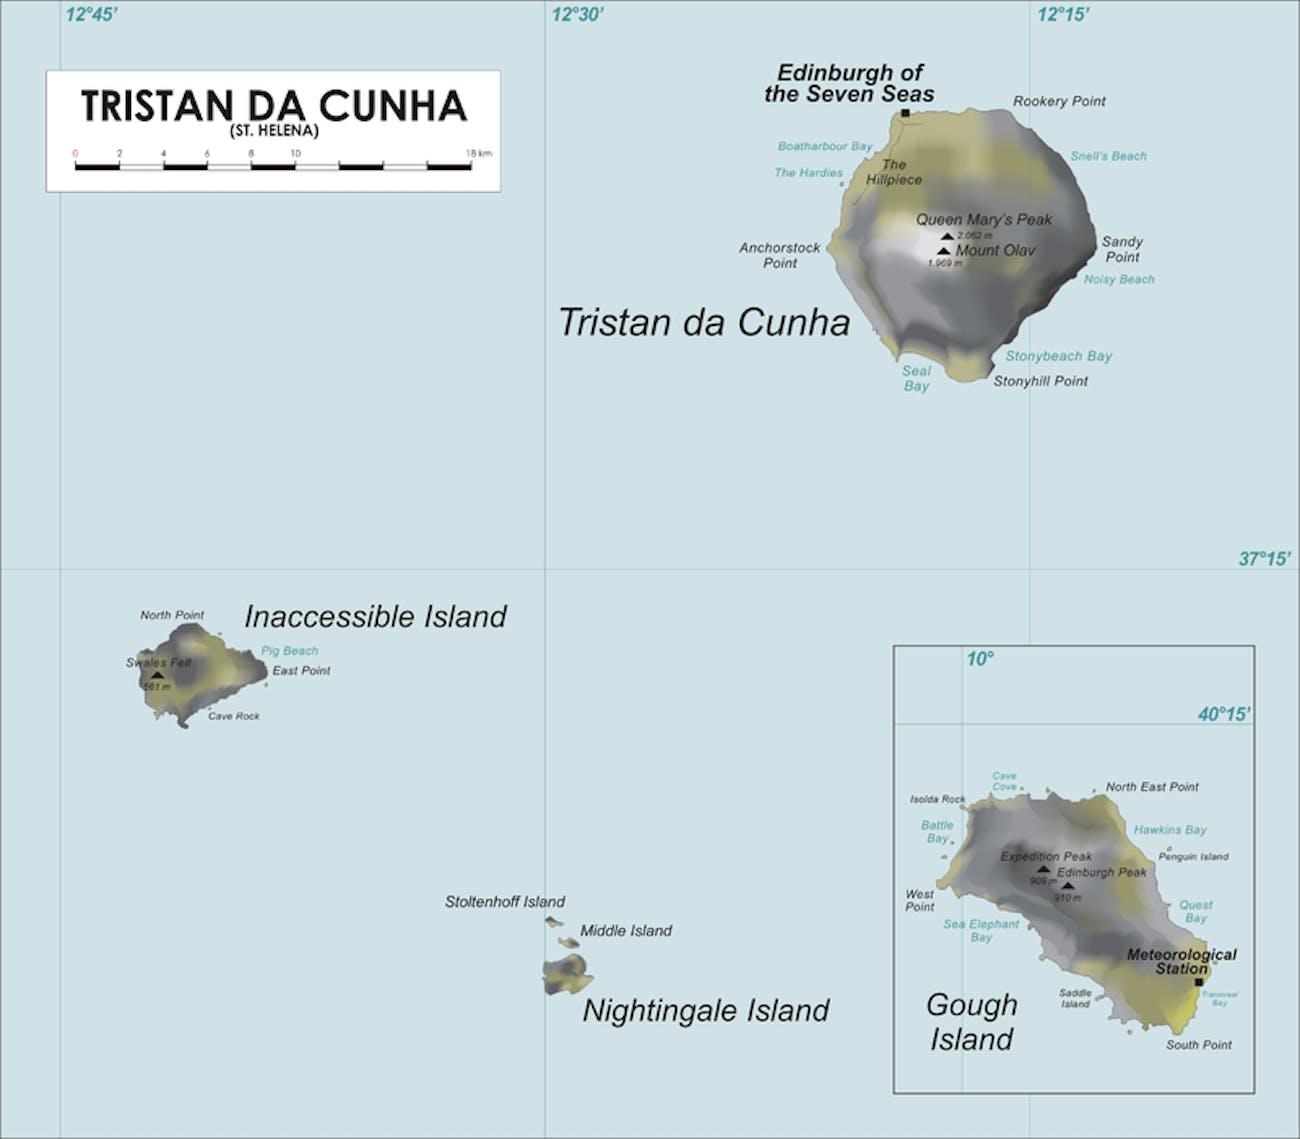 Inaccesible Island